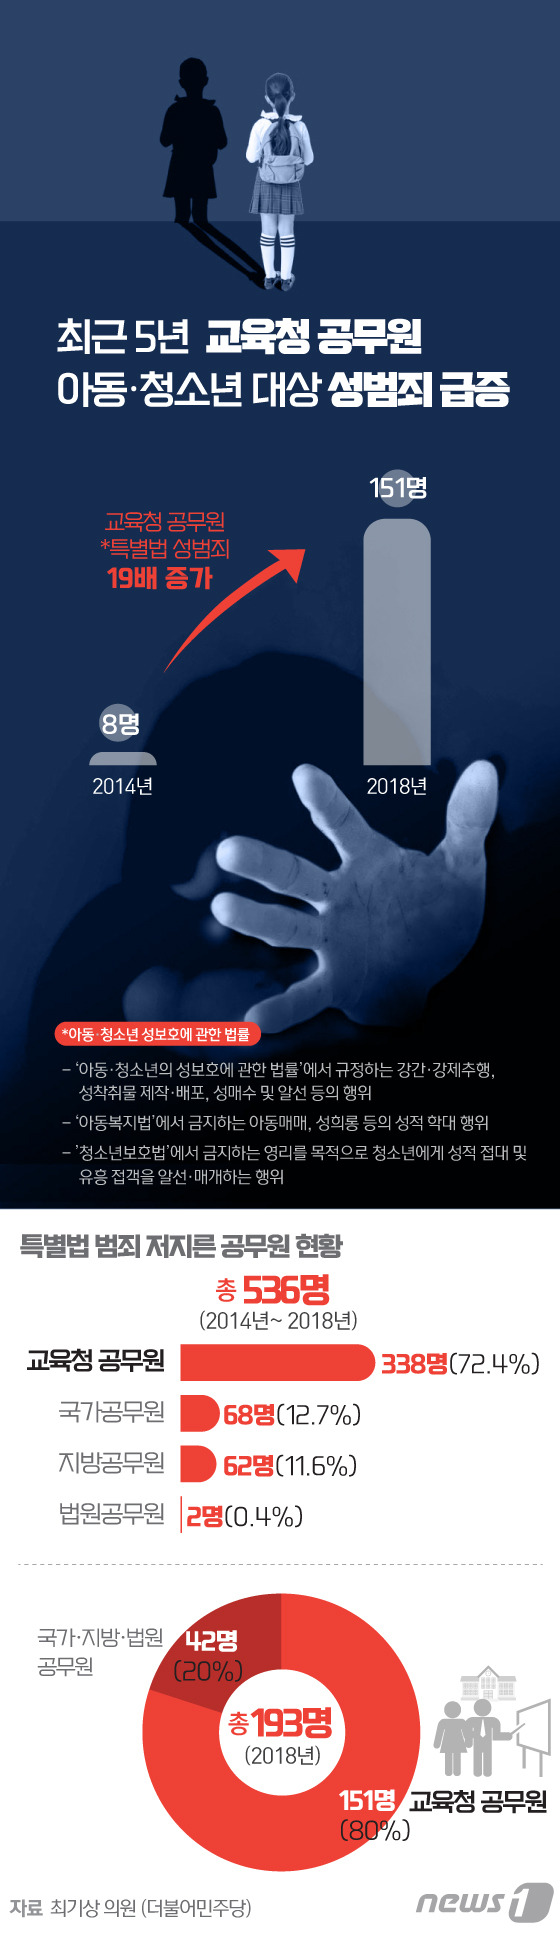 [그래픽뉴스] 교육청 공무원 아동·청소년 성범죄 급증